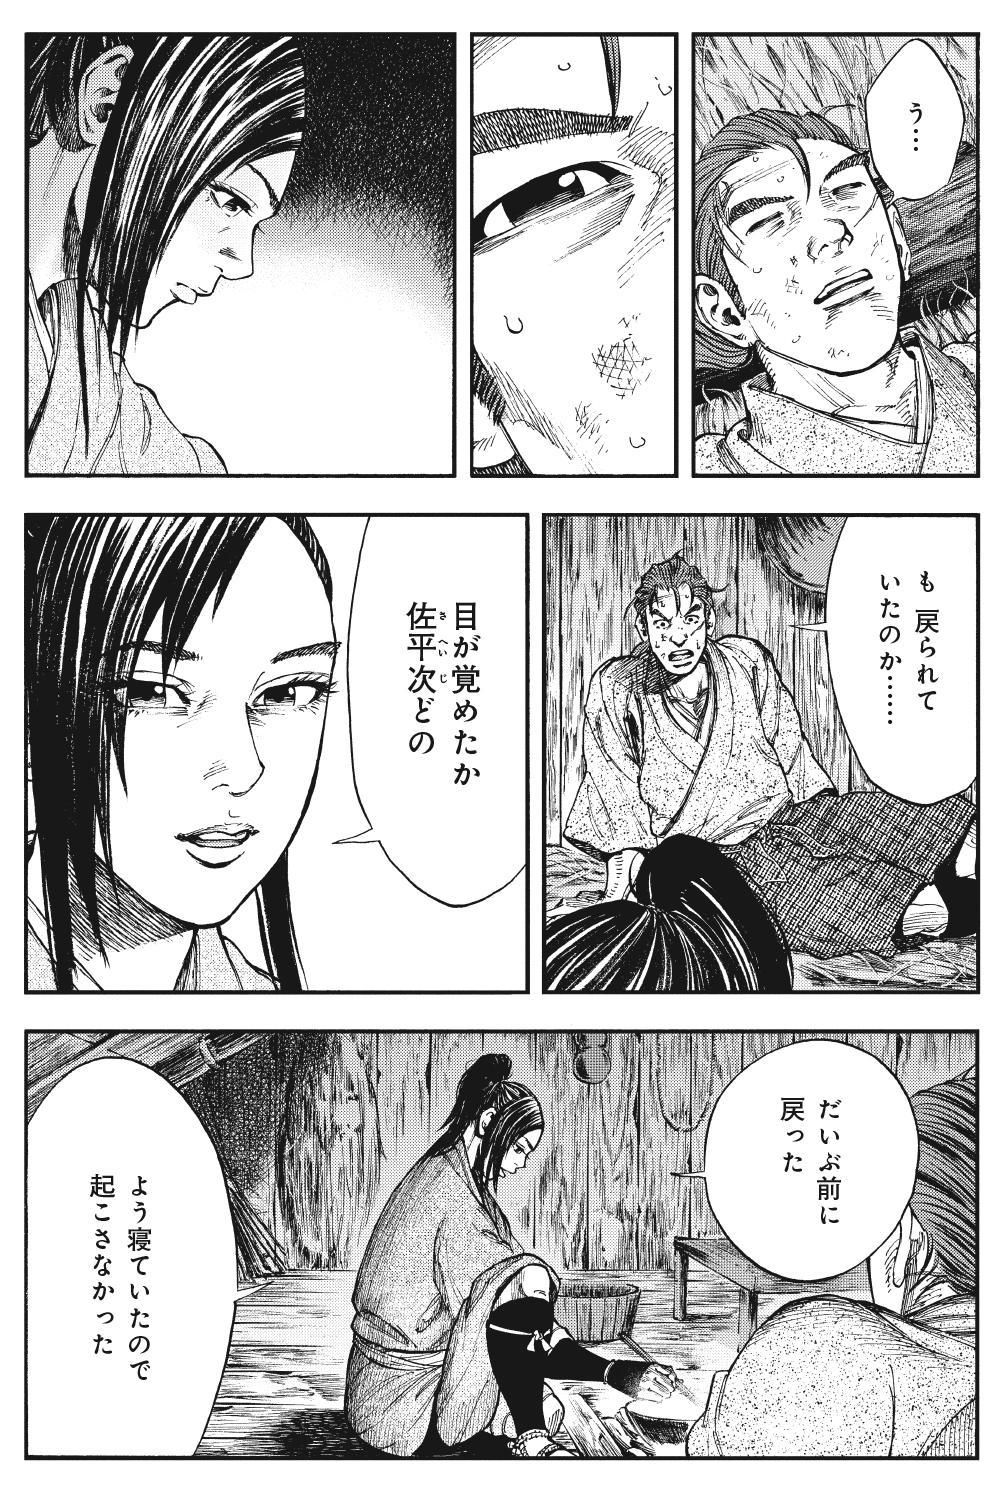 真田太平記 第6話「忍び小屋」①sanada11-02.jpg